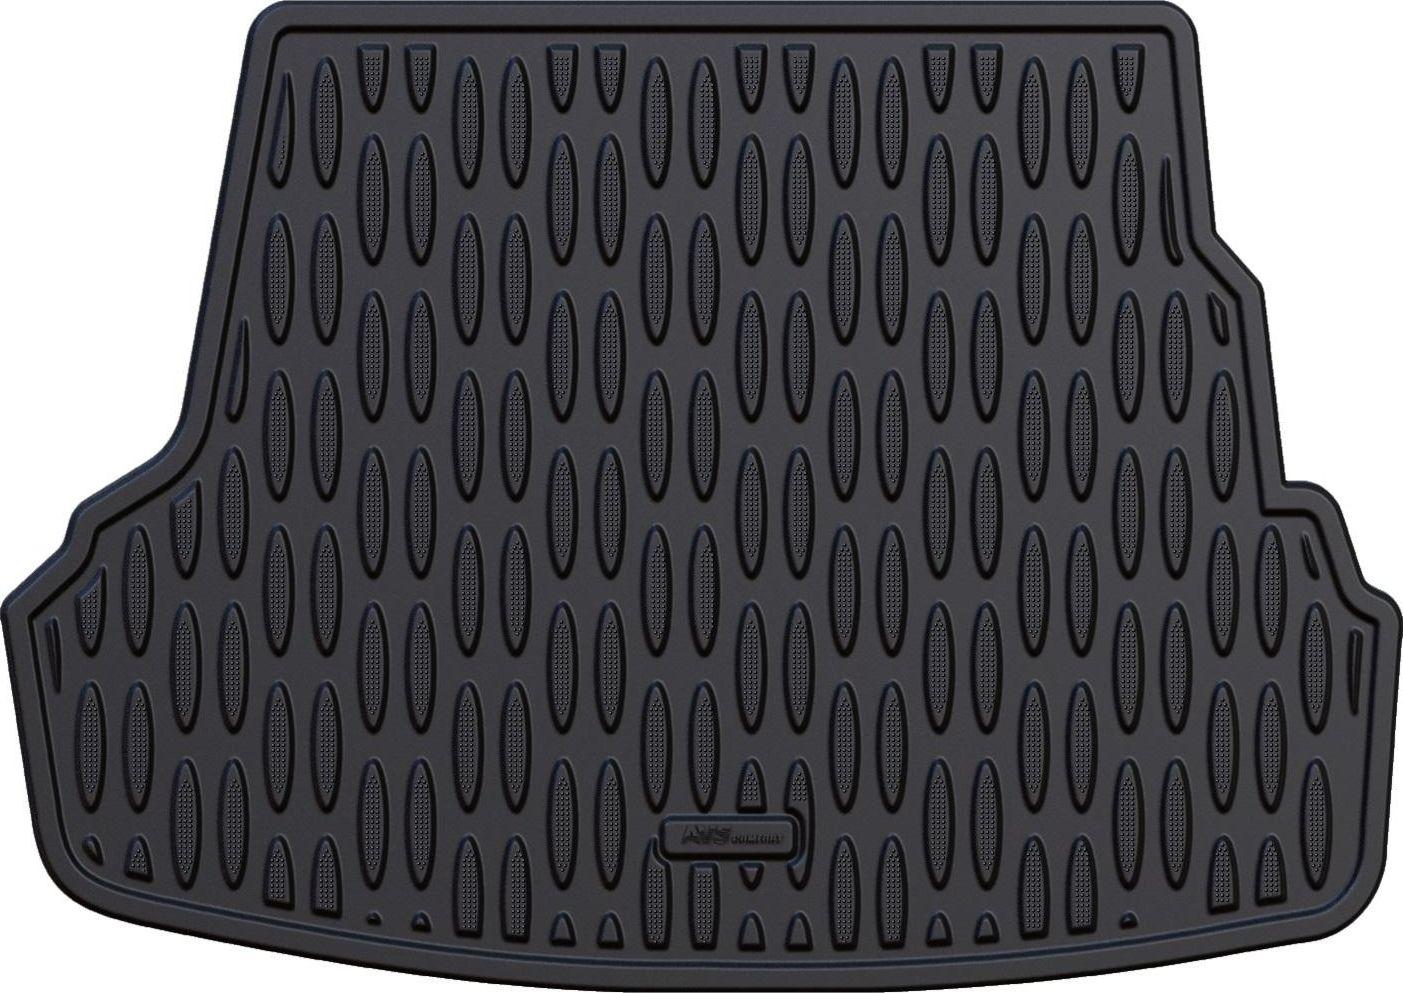 Ковер автомобильный AVS для Hyundai Solaris SD 2010-17, комплектация Base, Standard, в багажникA78768S1. Спроектированы с помощью 3D моделирования. Ковры для багажника : конфигурация позволяет максимально использовать объем багажника 2. Высокий борт Высота : 32 см. 3. Отсутствие резкого запаха , благодаря использованию высококачественного сырья4. Материал :ТЕРМОЭЛАСТОПЛАСТ(ТЭП)-благодаря высокому содержанию каучука (до 55 %): Более износоустойчивые по сравнению с резиновыми и полиуретановыми коврами других производителейПри температуре меньше -25 не «дубеют» . Легко моются, обладают повышенной износостойкостью 5. Оригинальный рисунок «ПРОТЕКТОР» (антискользящее исполнение лицевой поверхности) Препятствует перемещению груза в багажнике во время движения автомобиля 6. Легкий вес – в 2 раза легче резиновых